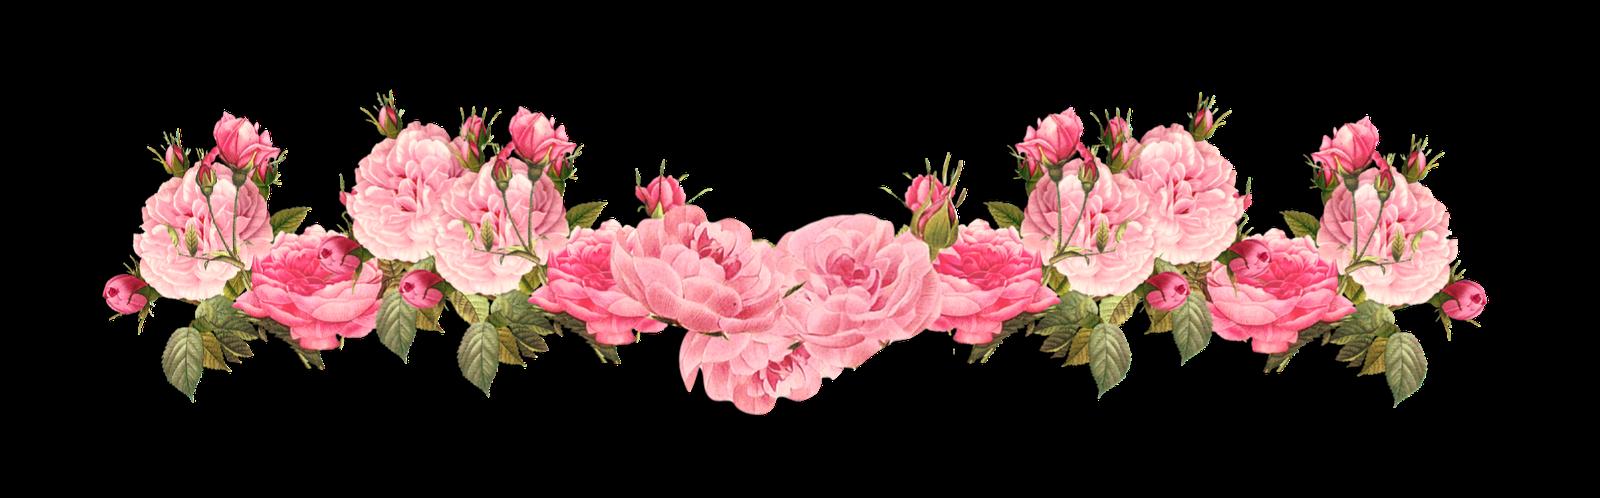 Vintage floral background png